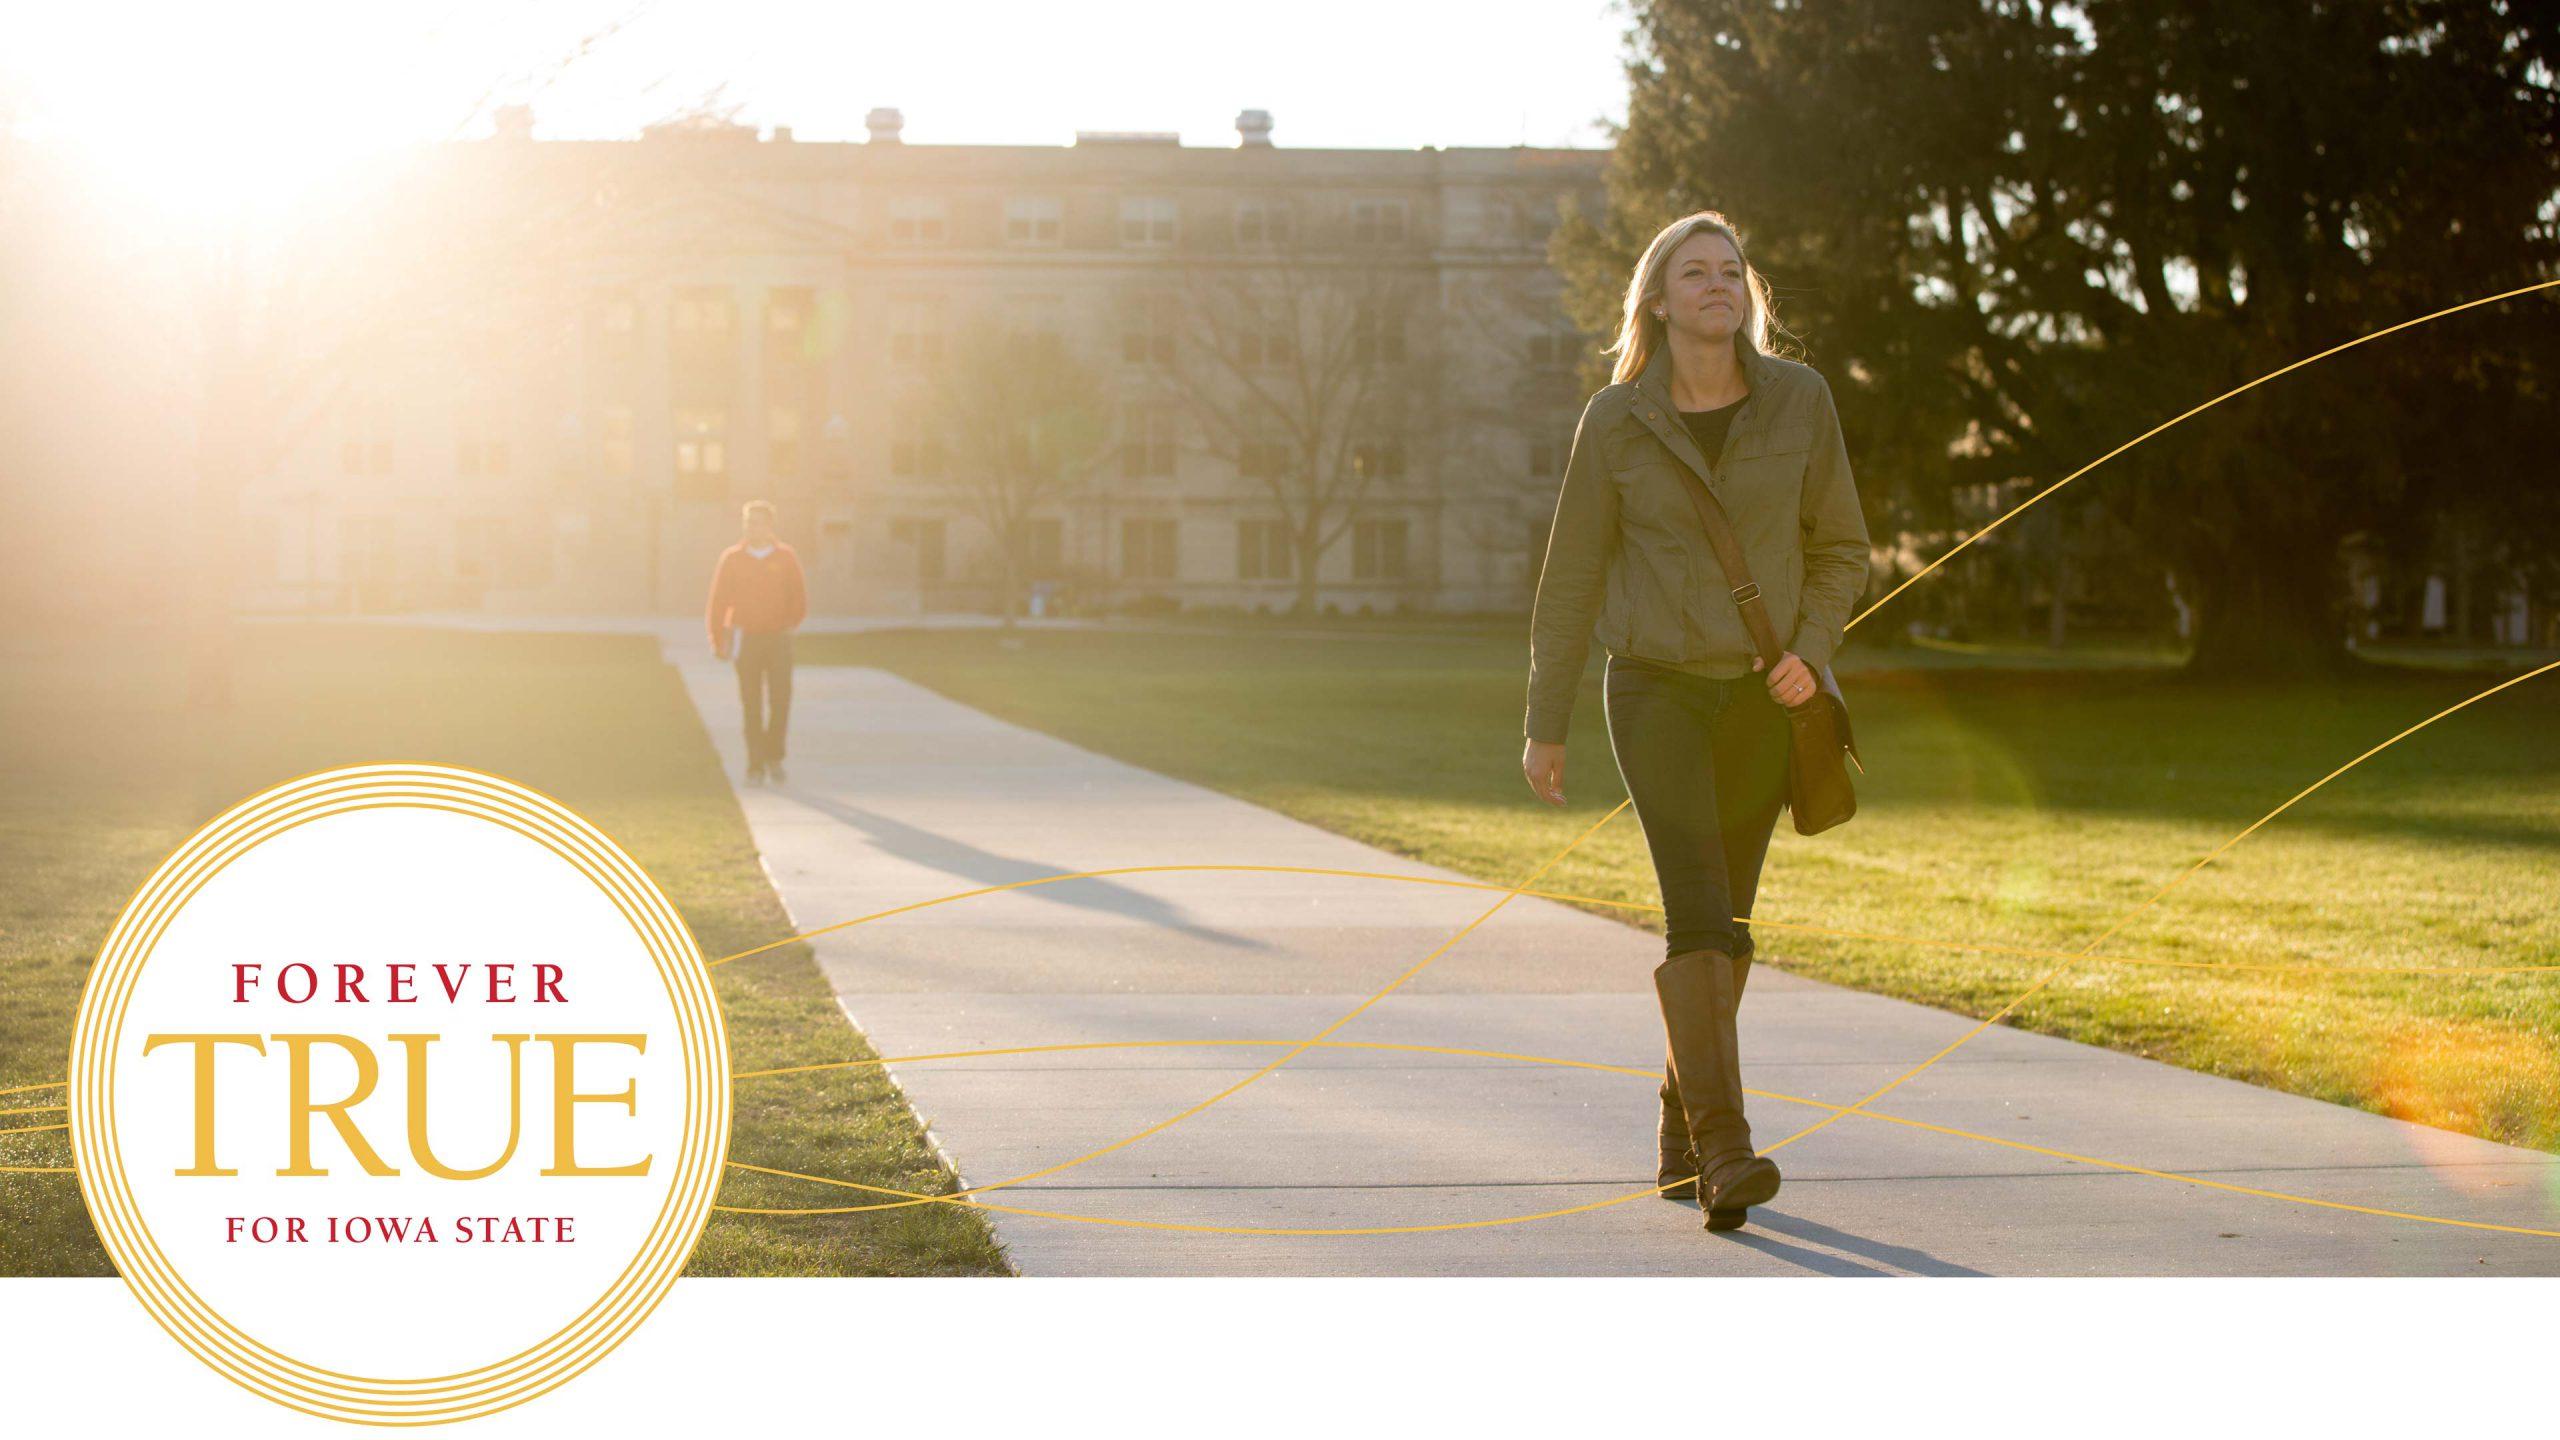 Female student walking on a sidewalk through campus.